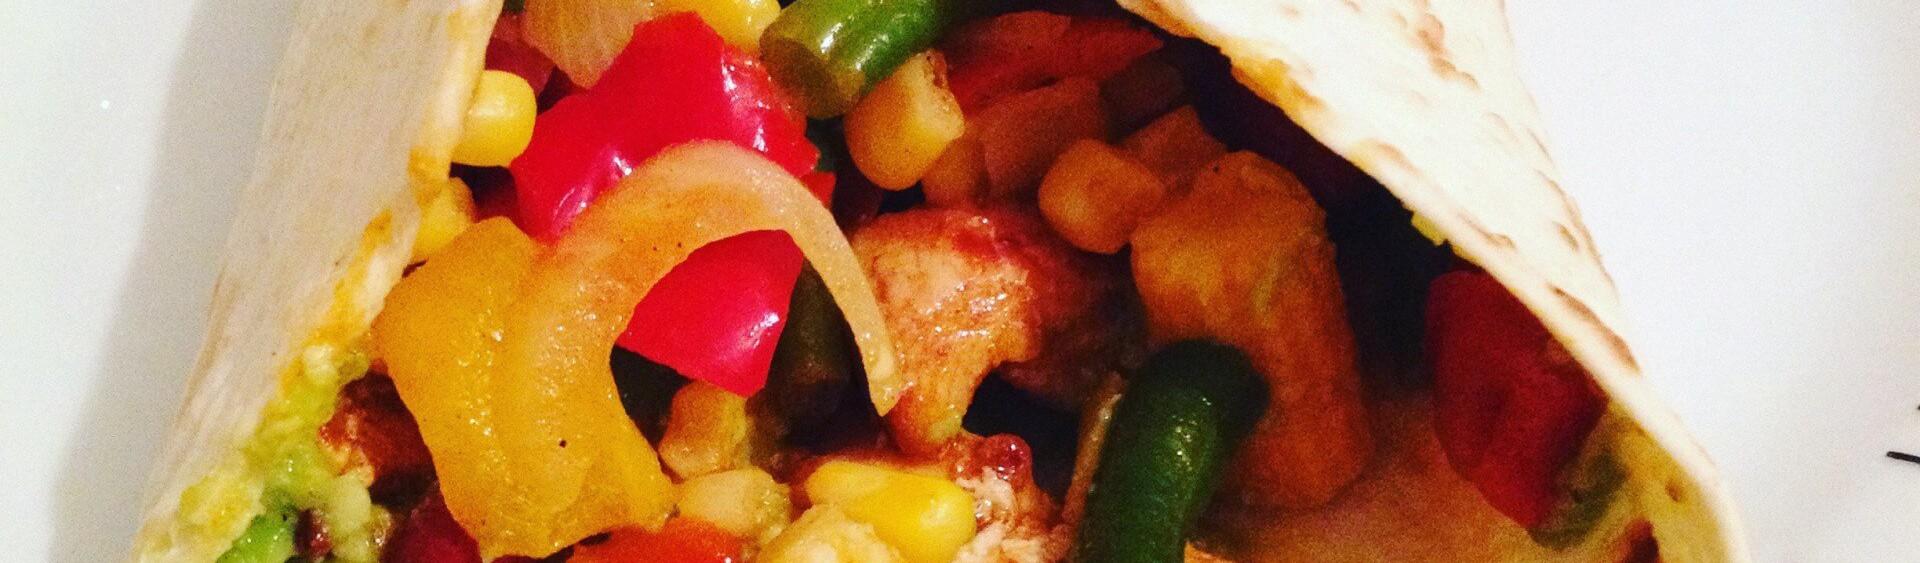 Tortilla met kip, guacamole & zure room en groentjes